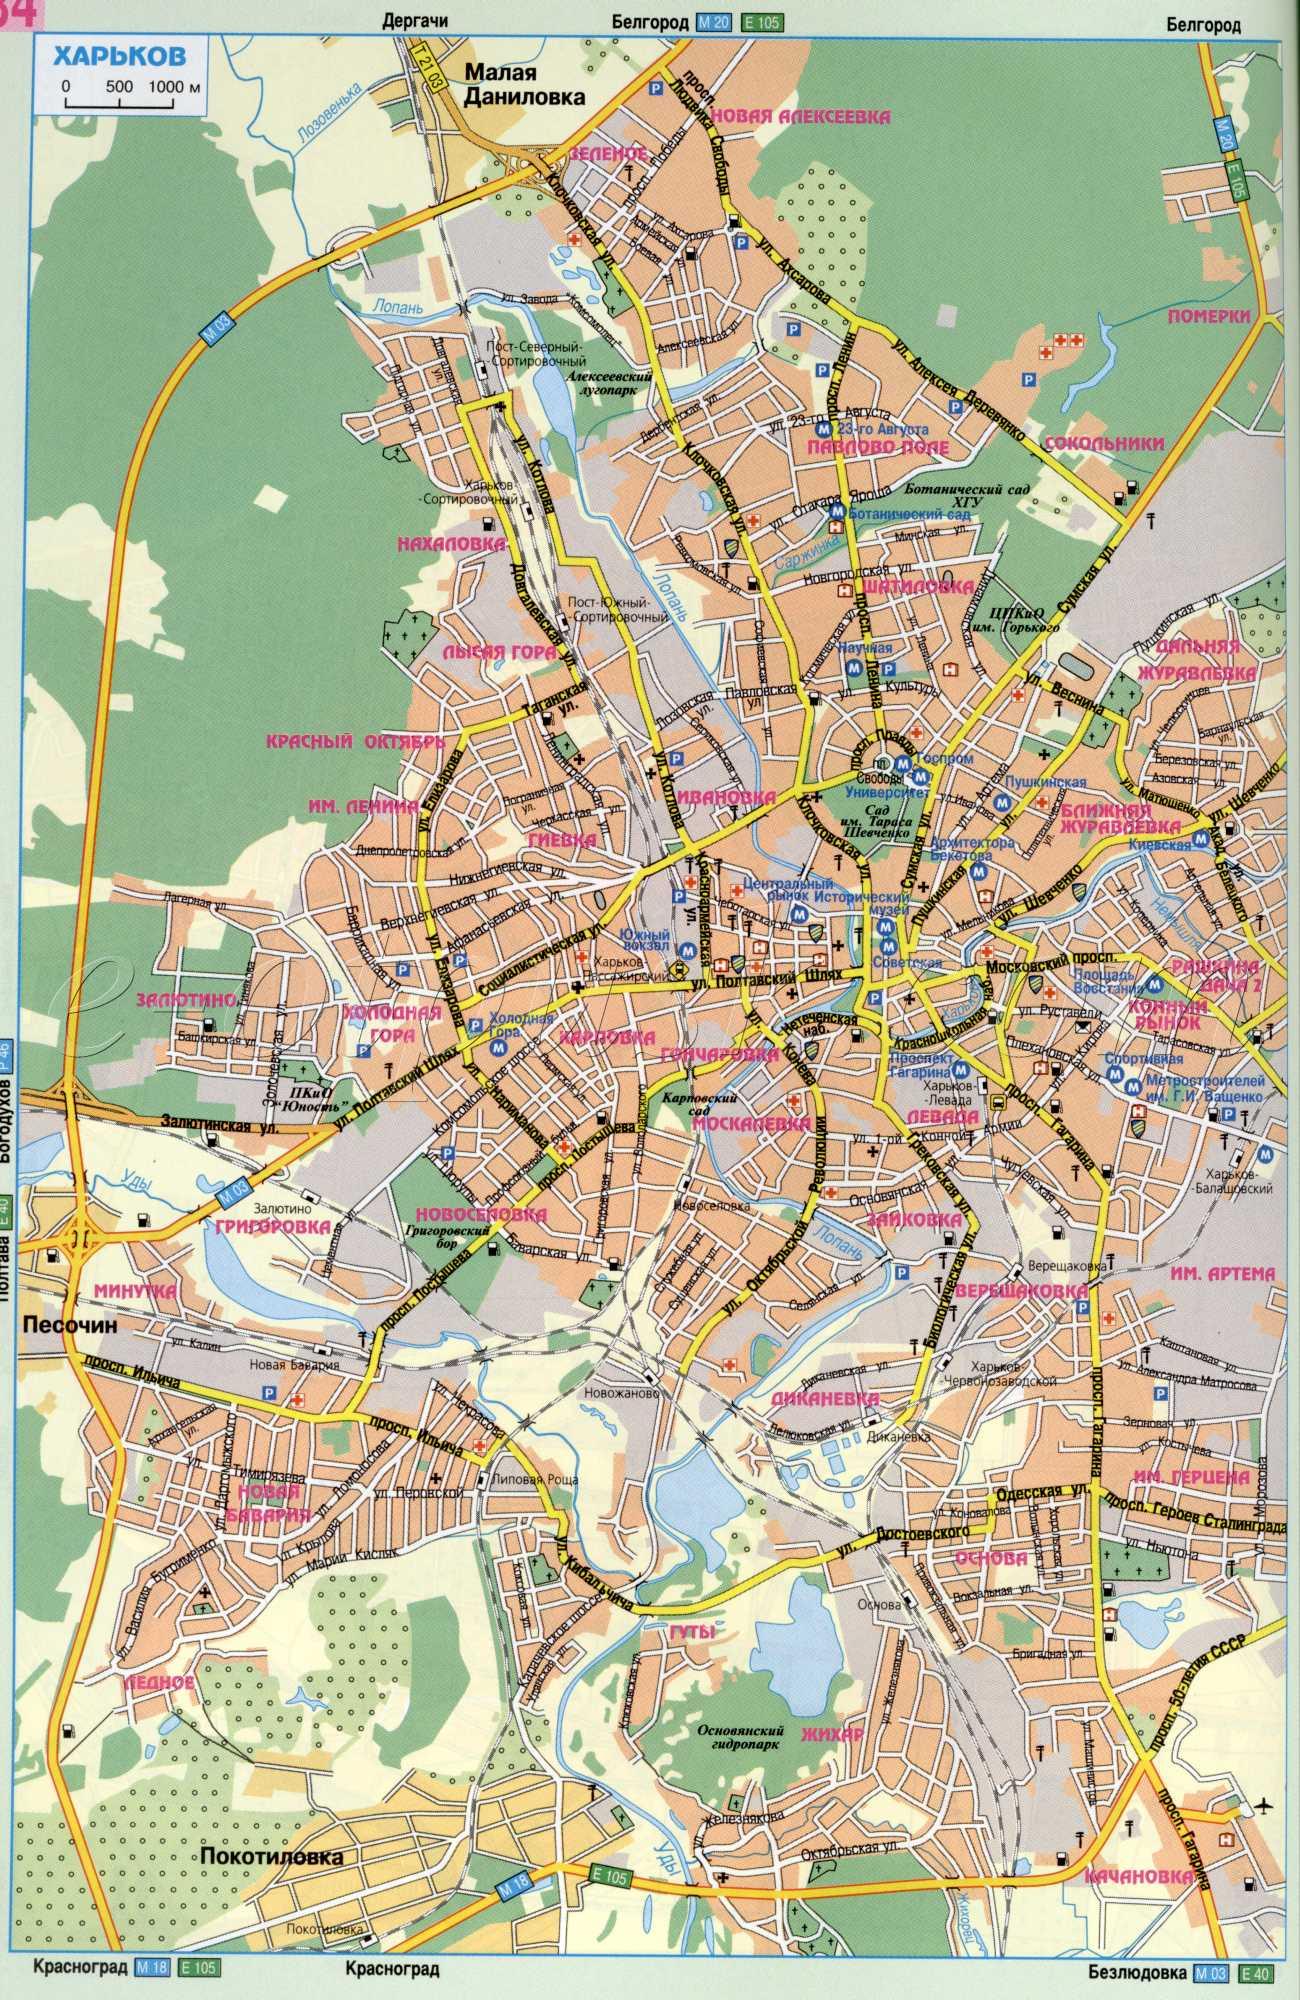 Карта города Харьков